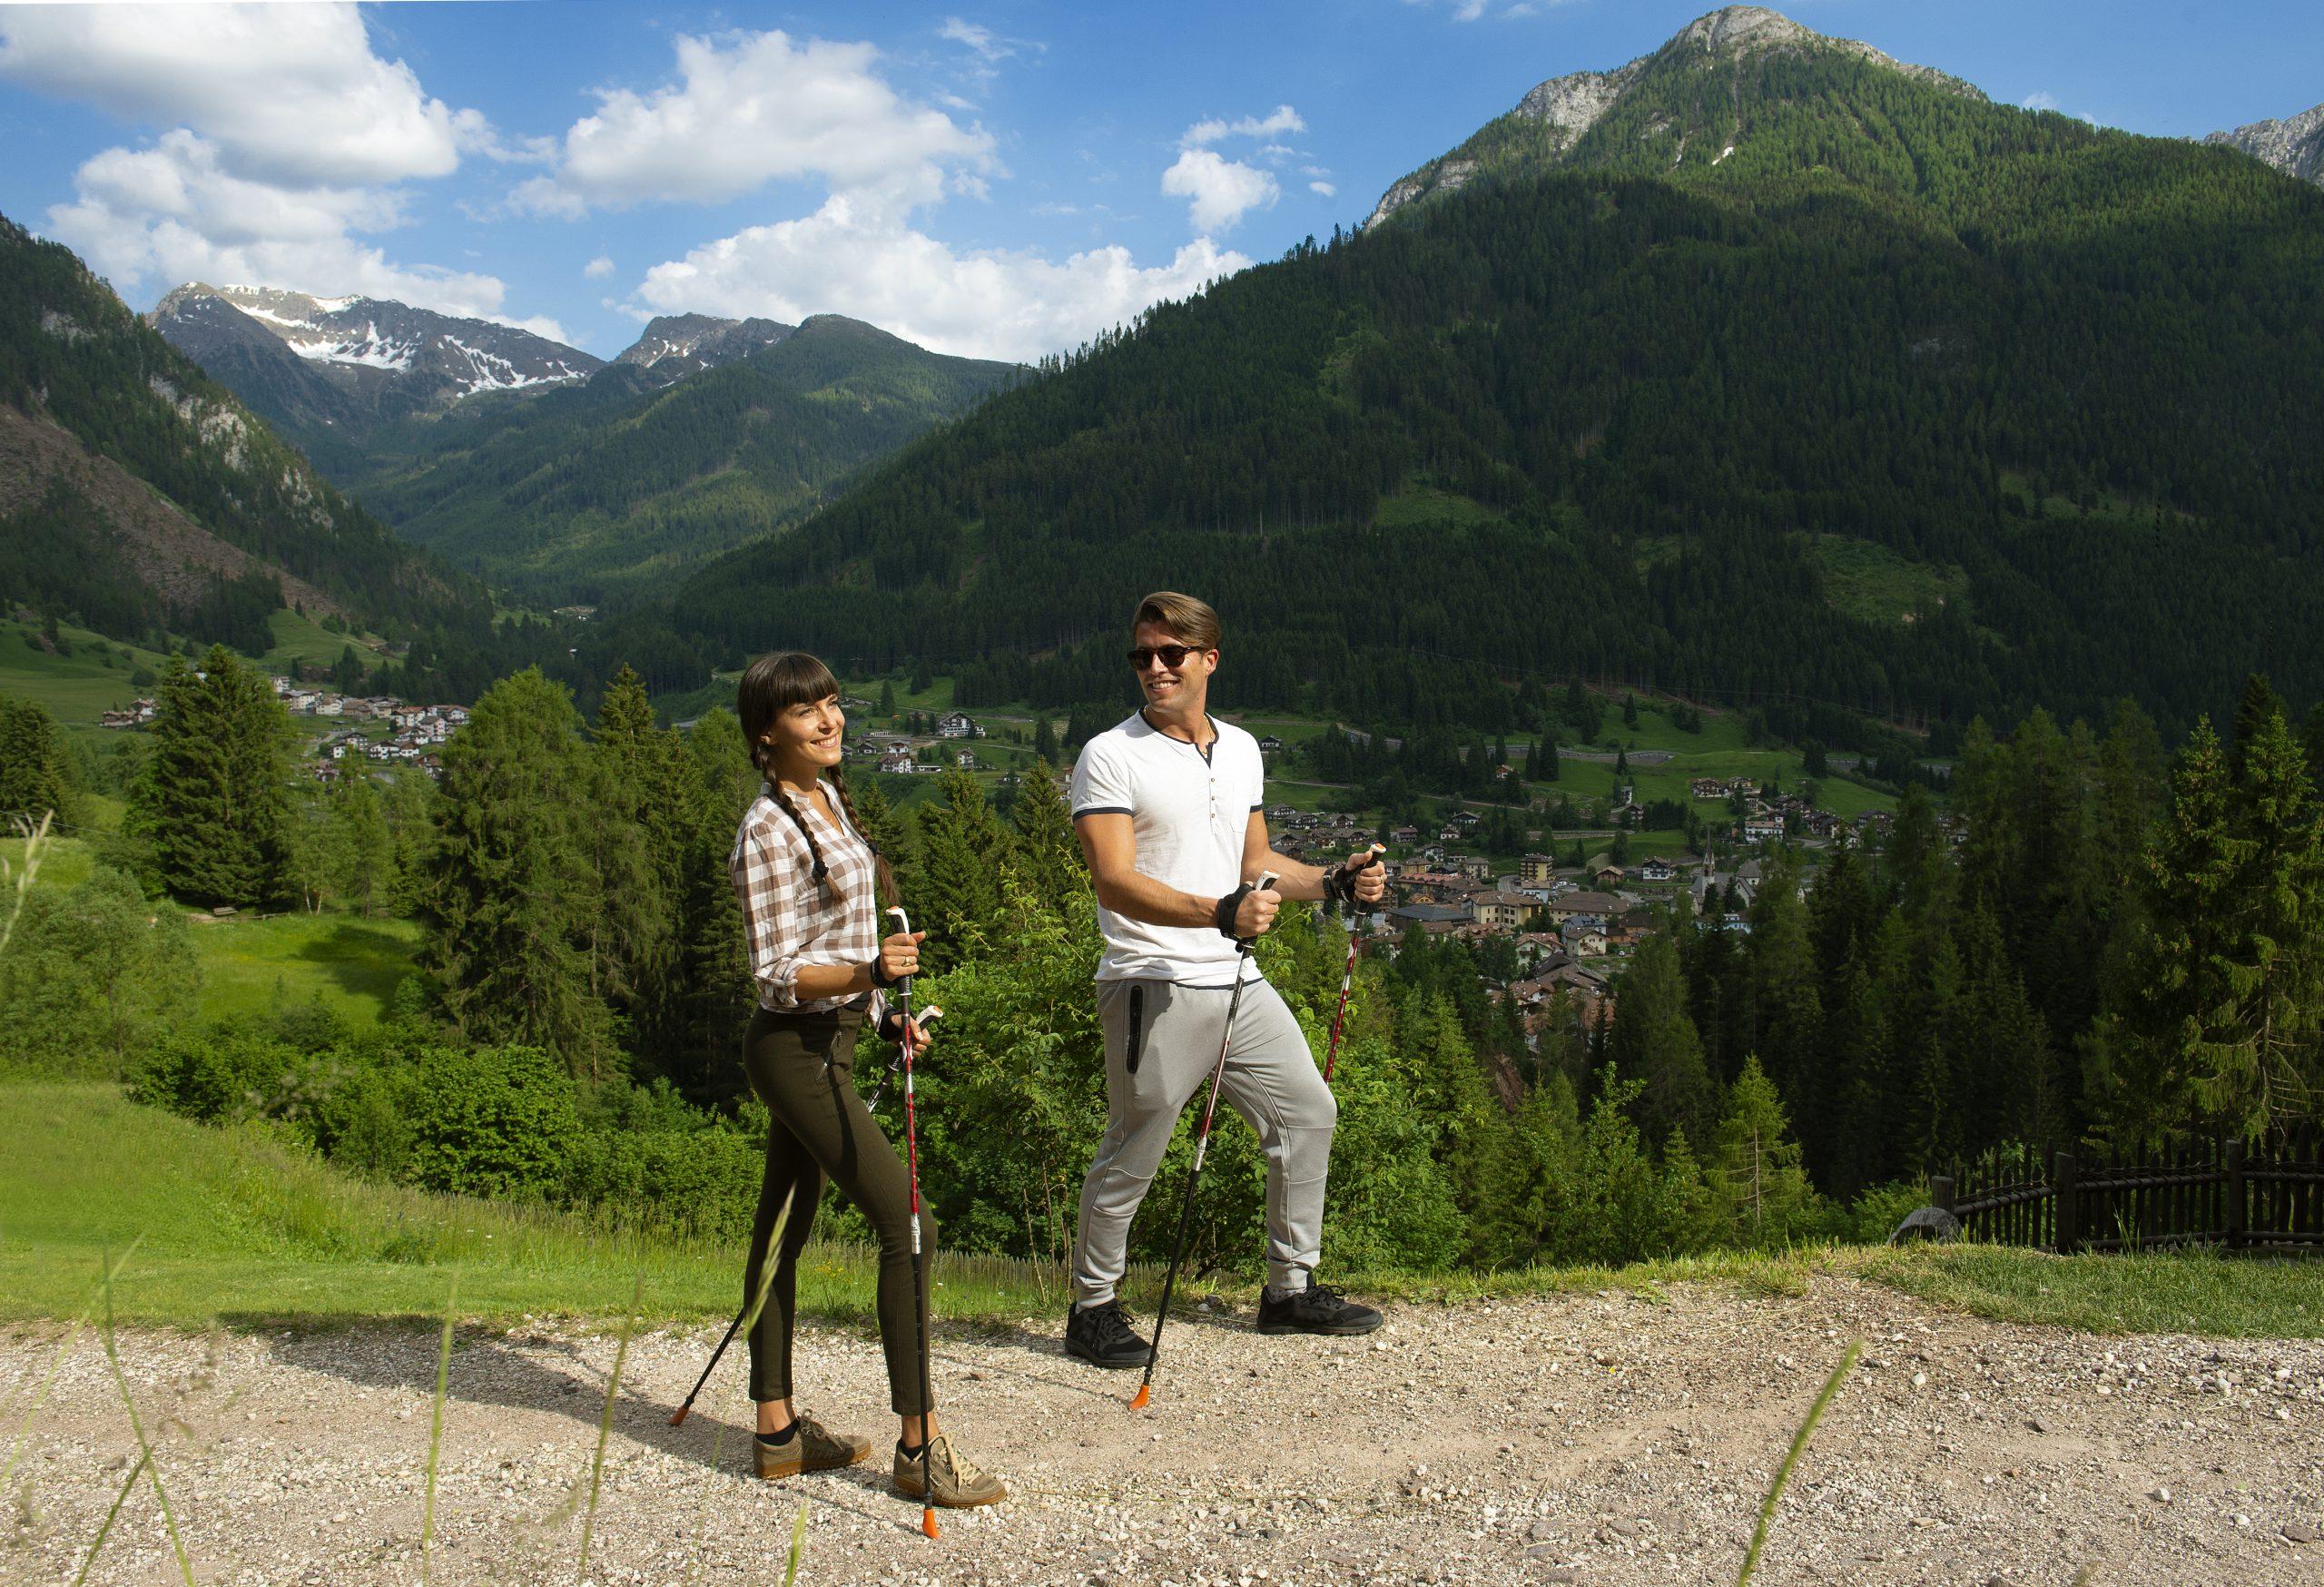 Sommerausstattung Hotel Dolomiten Nordik walkin moena